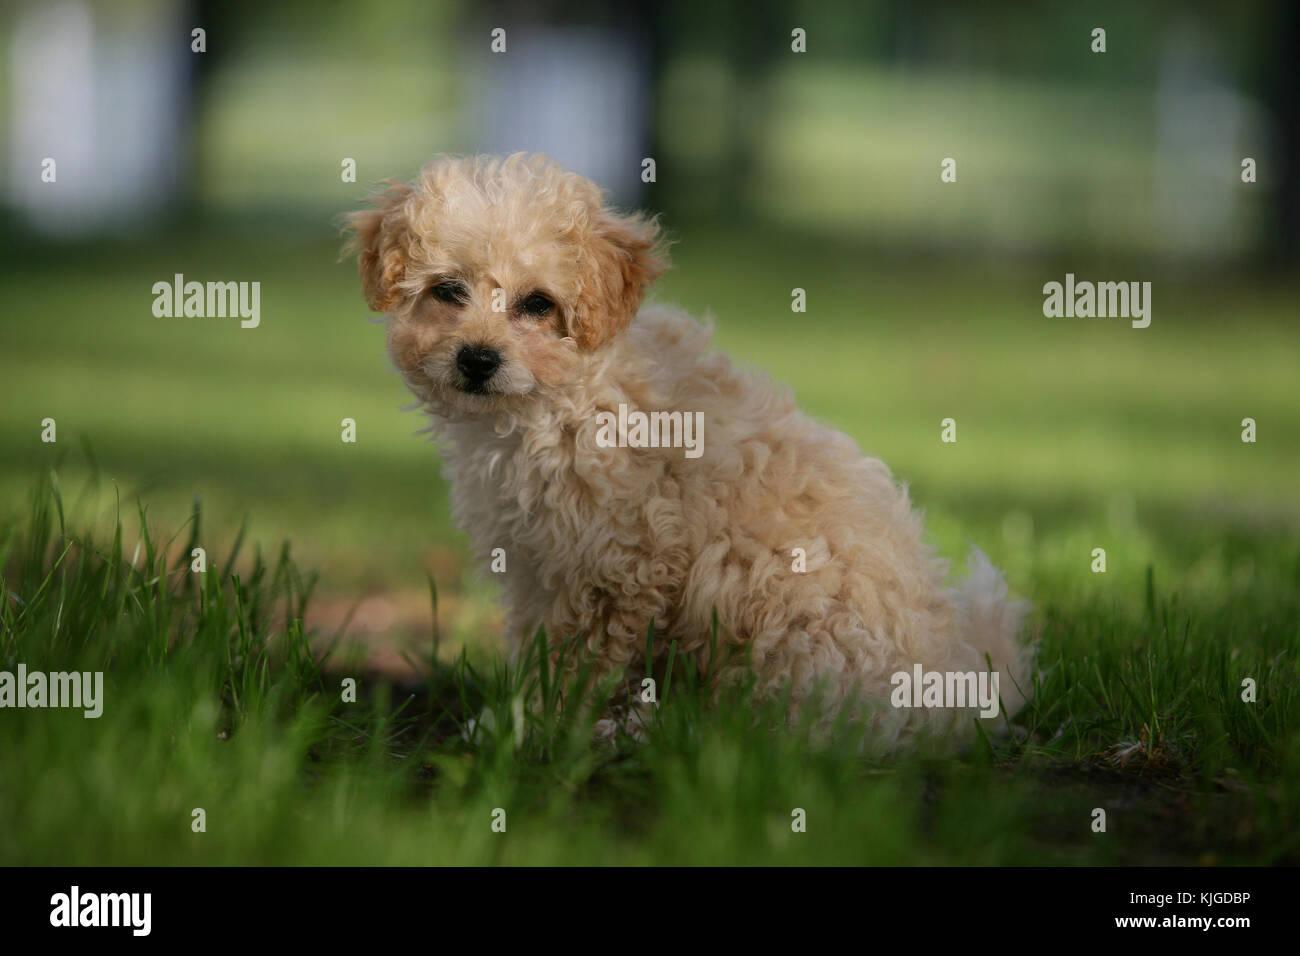 Pudel Terrier Stockfotos und bilder Kaufen Alamy